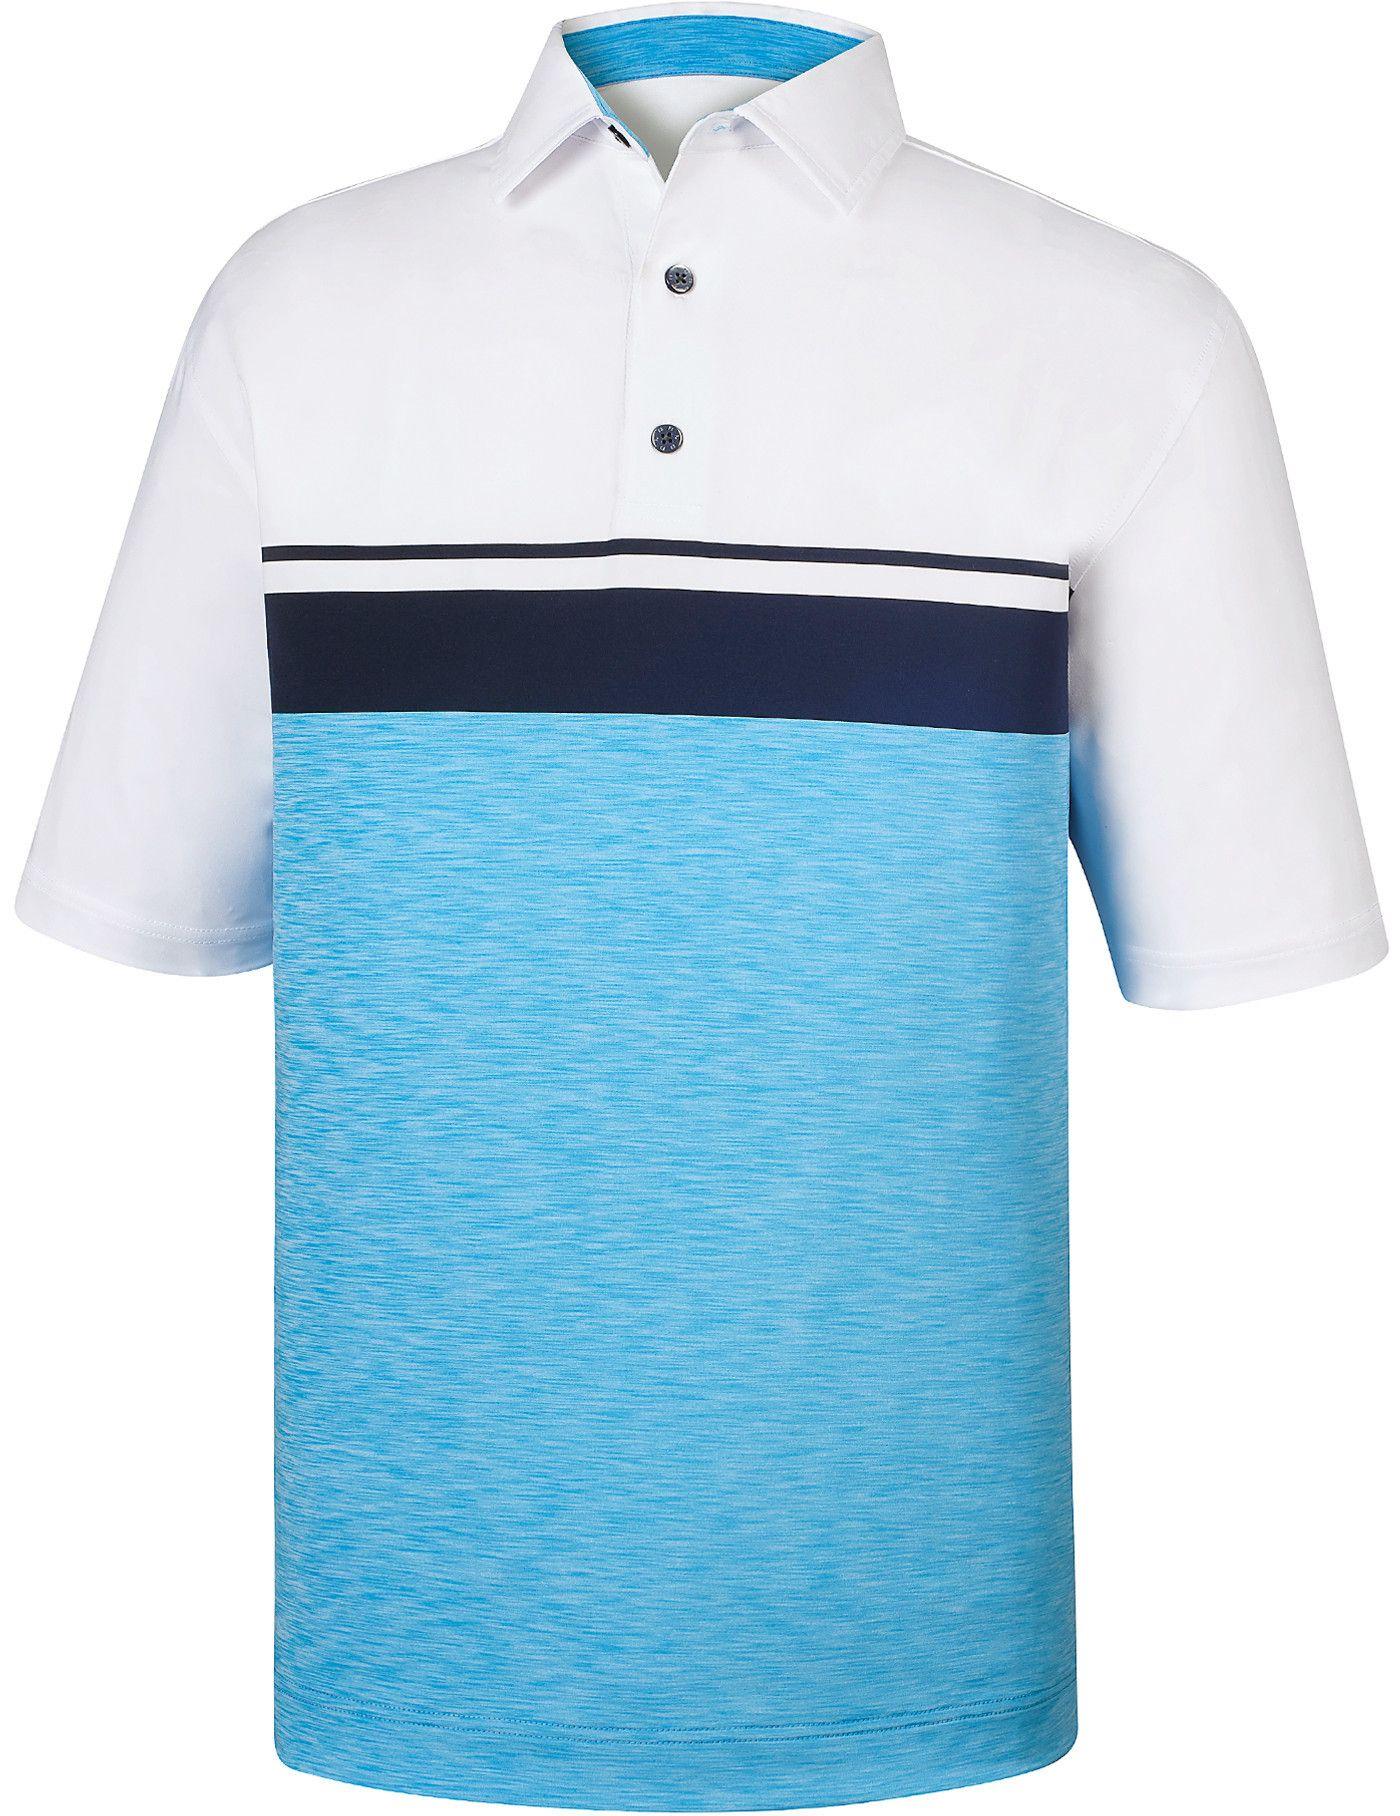 FootJoy Lisle Color Block Space Dye Polo